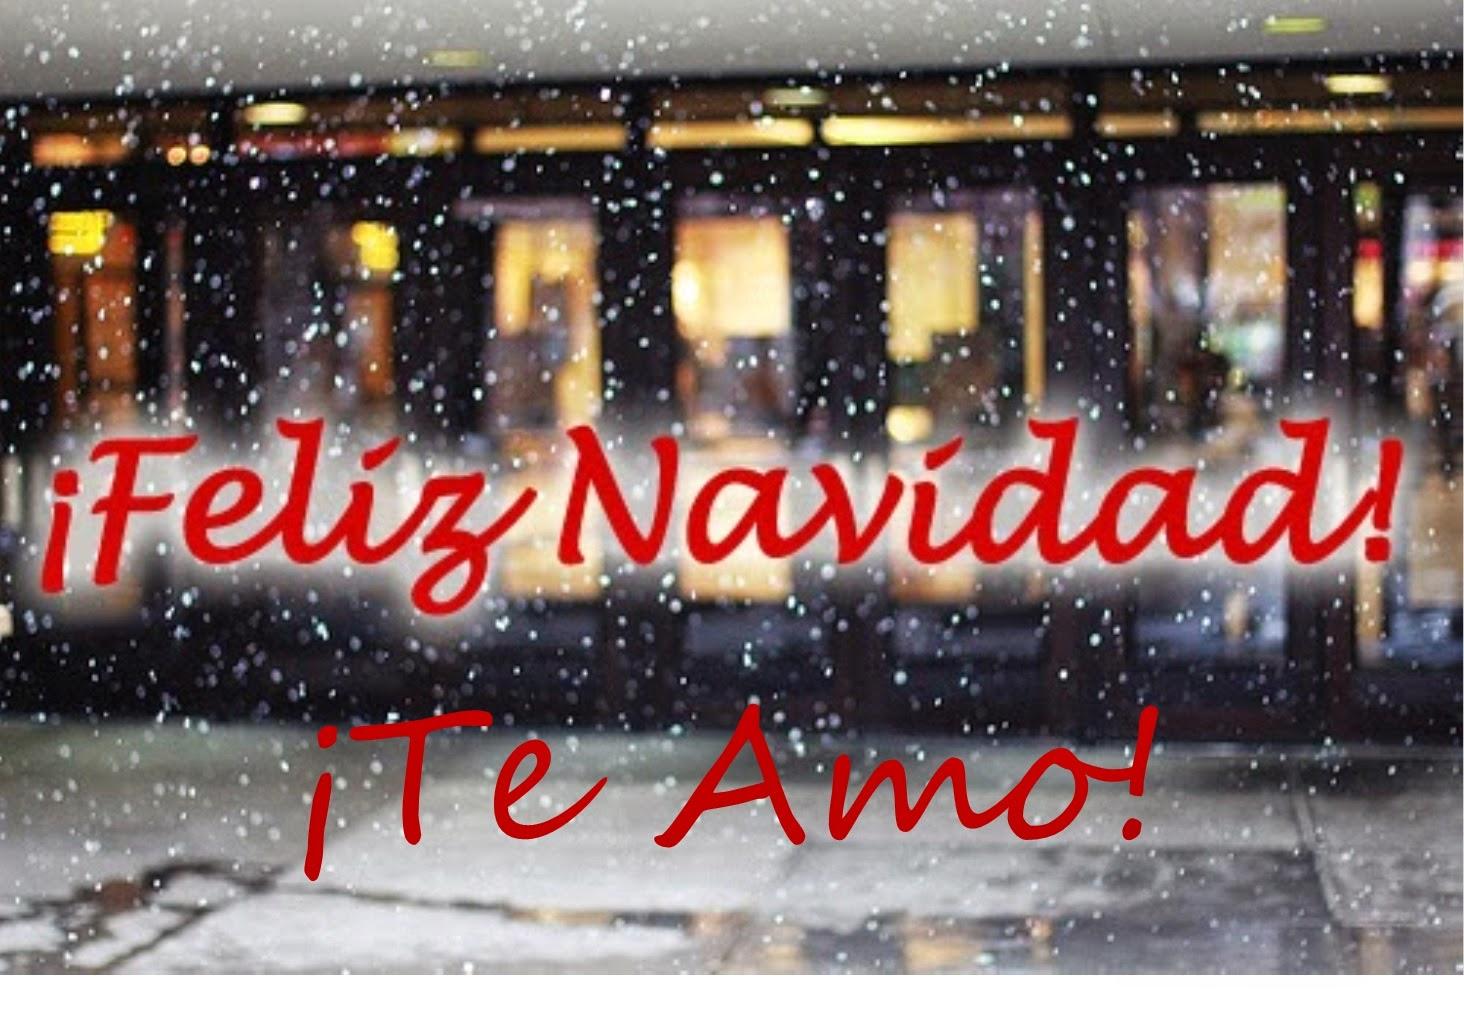 Frases De Navidad: Feliz Navidad Te Amo